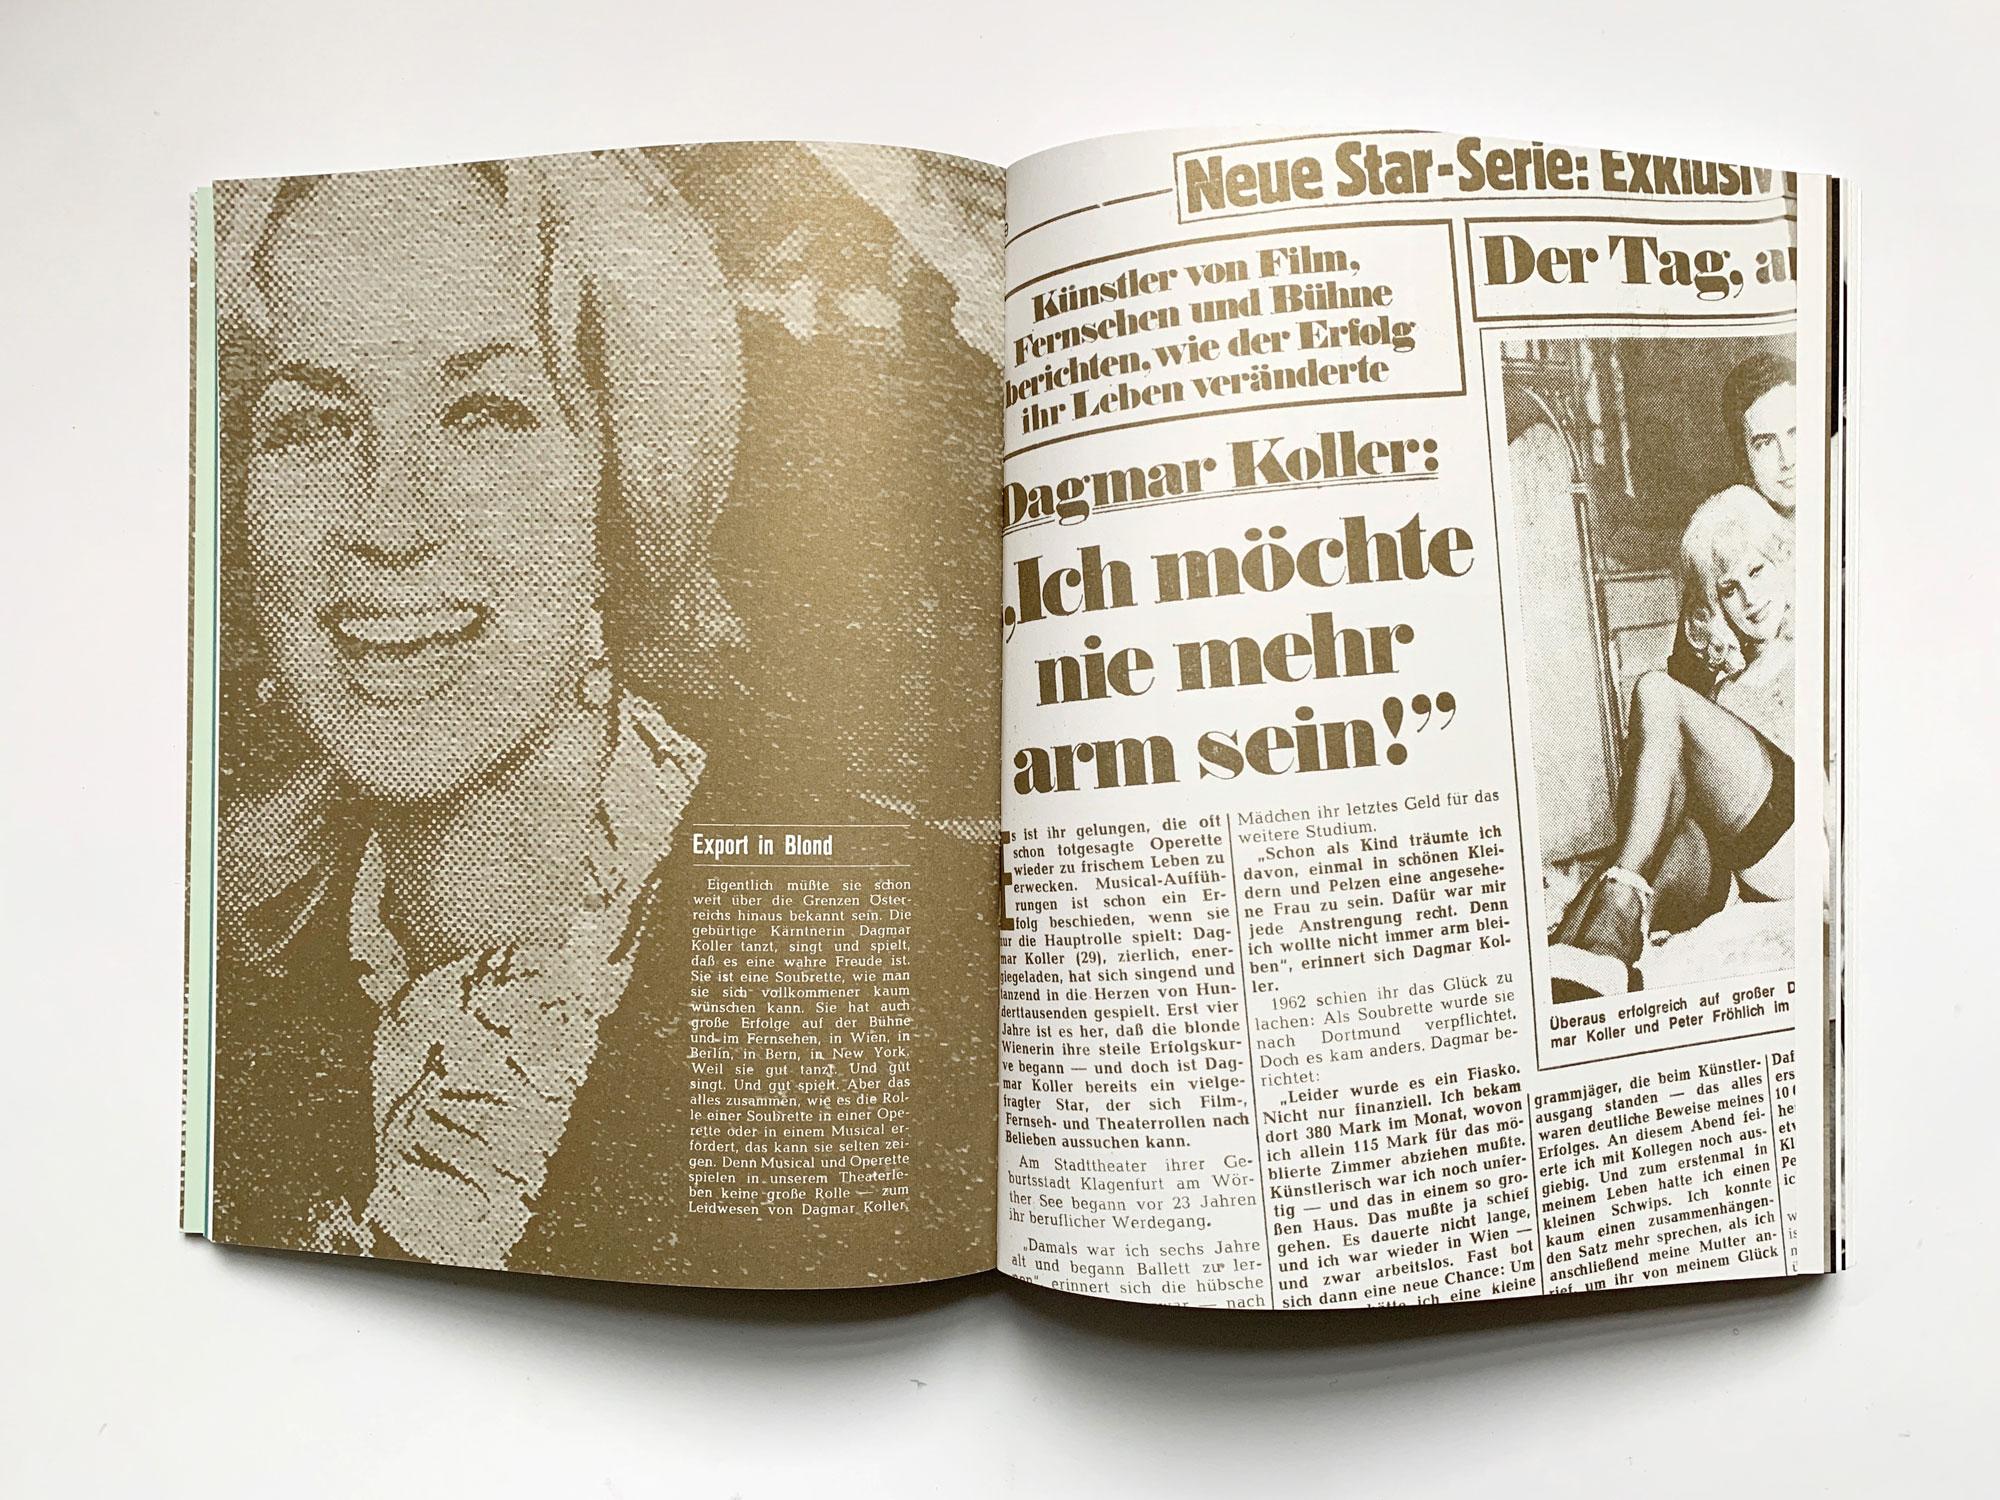 Dagmar-Koller-Goldene-Zeiten-News-Balgavy.jpg